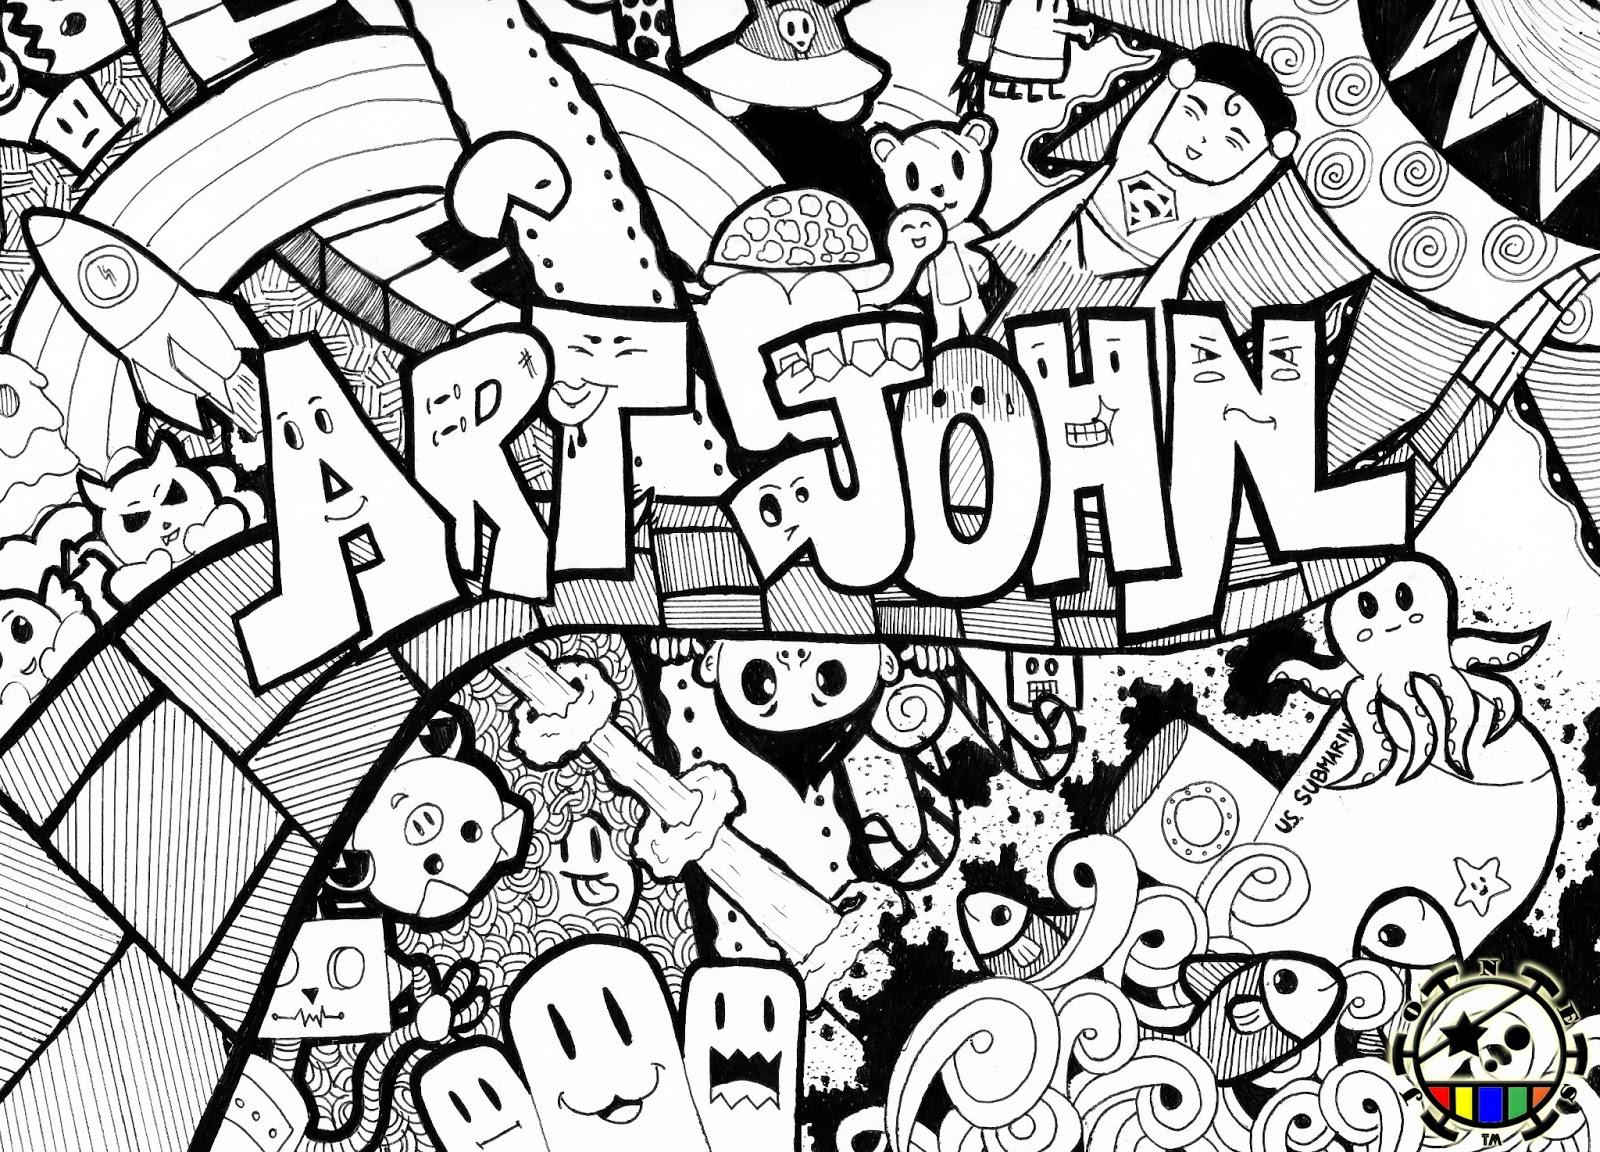 Doodle S: Doodle Art